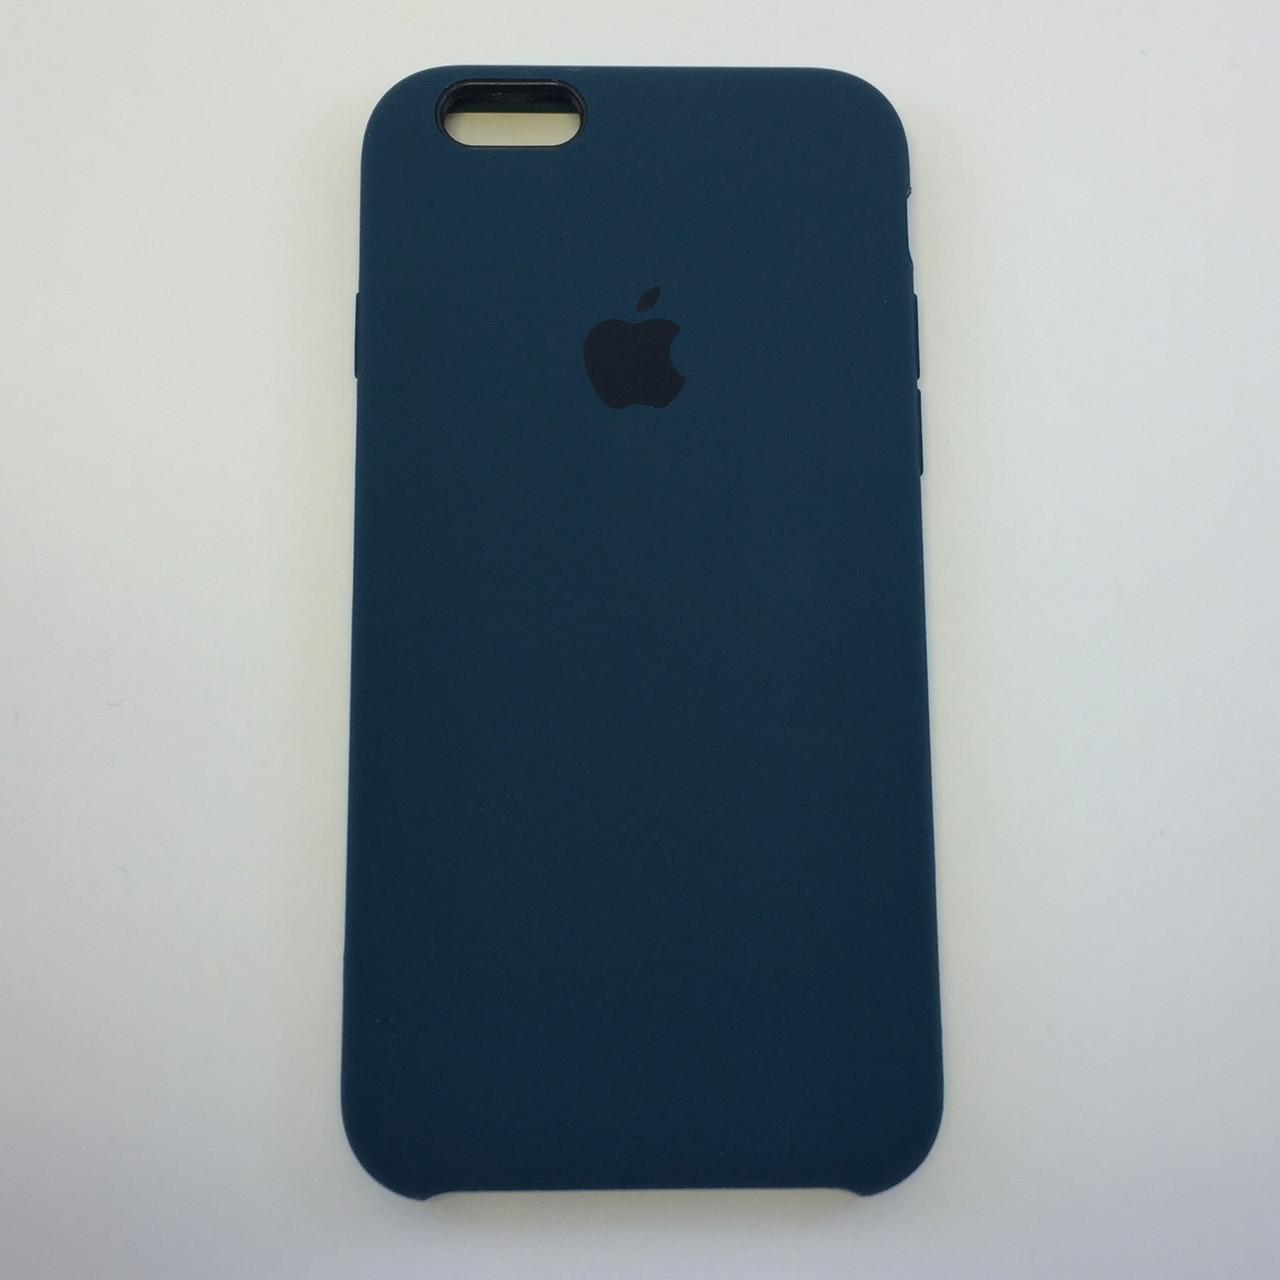 Силиконовый чехол iPhone 6 Plus / 6s Plus, мистический, copy original